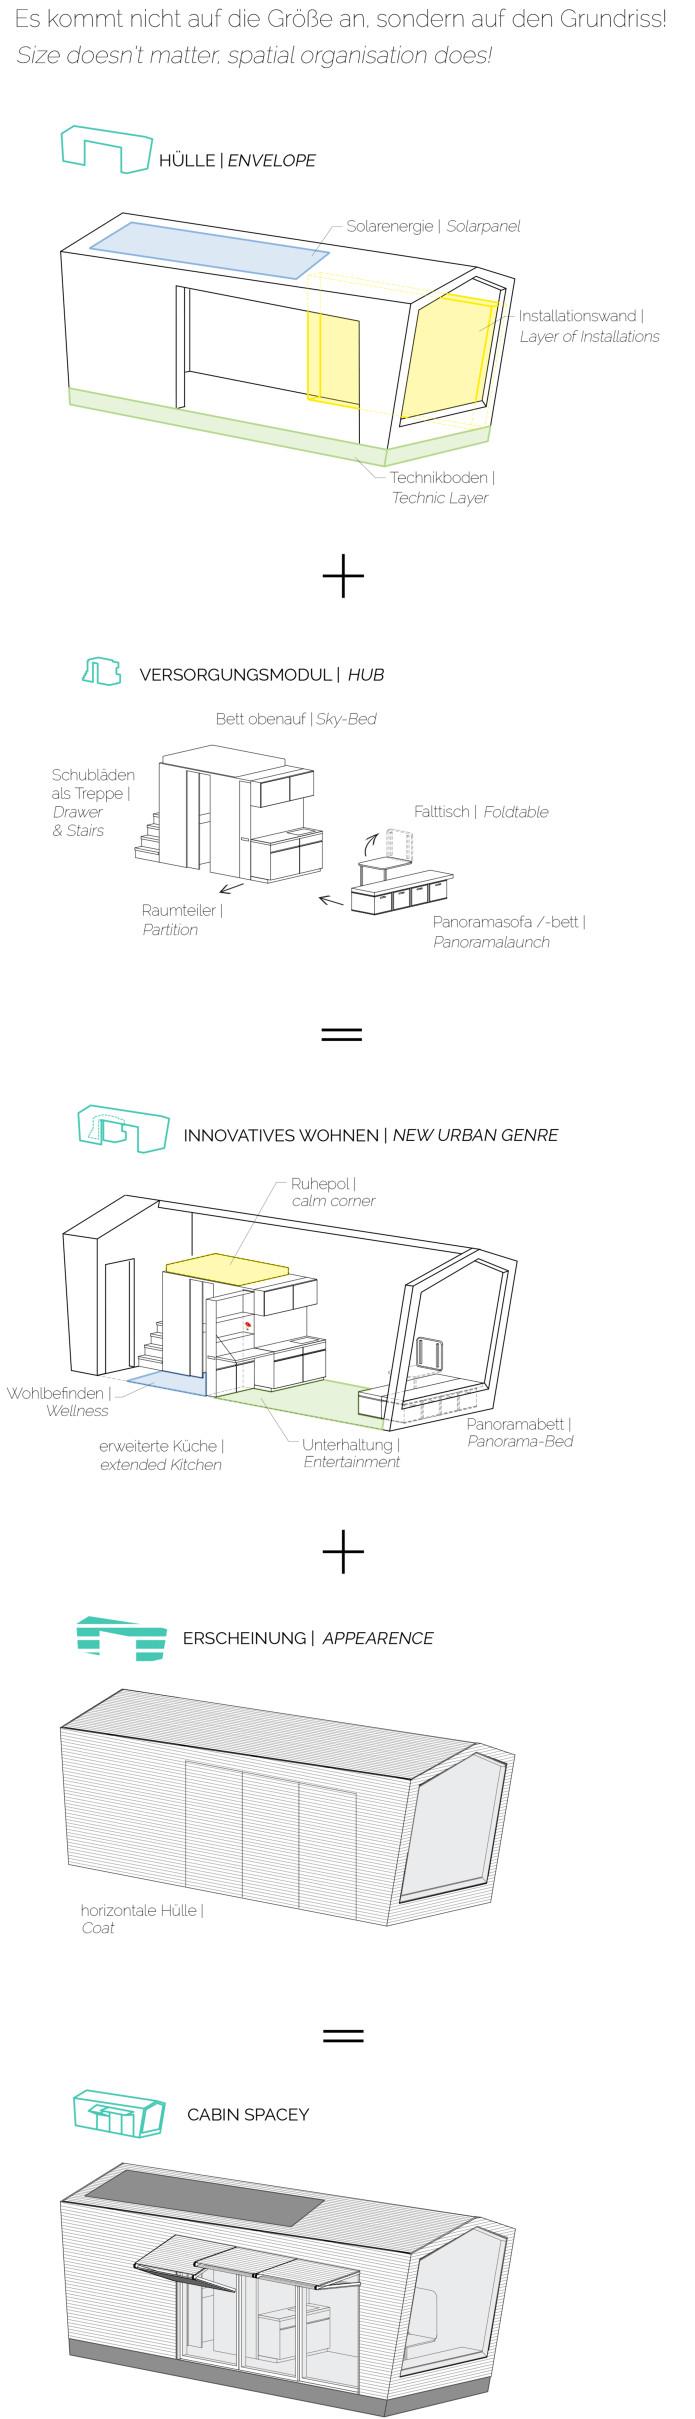 Eine Photovoltaik Anlage Mit Einem Großen Akku Im Sandwich Boden Der Wohn  Innovation Sorgt Für Den Nötigen Strom ...